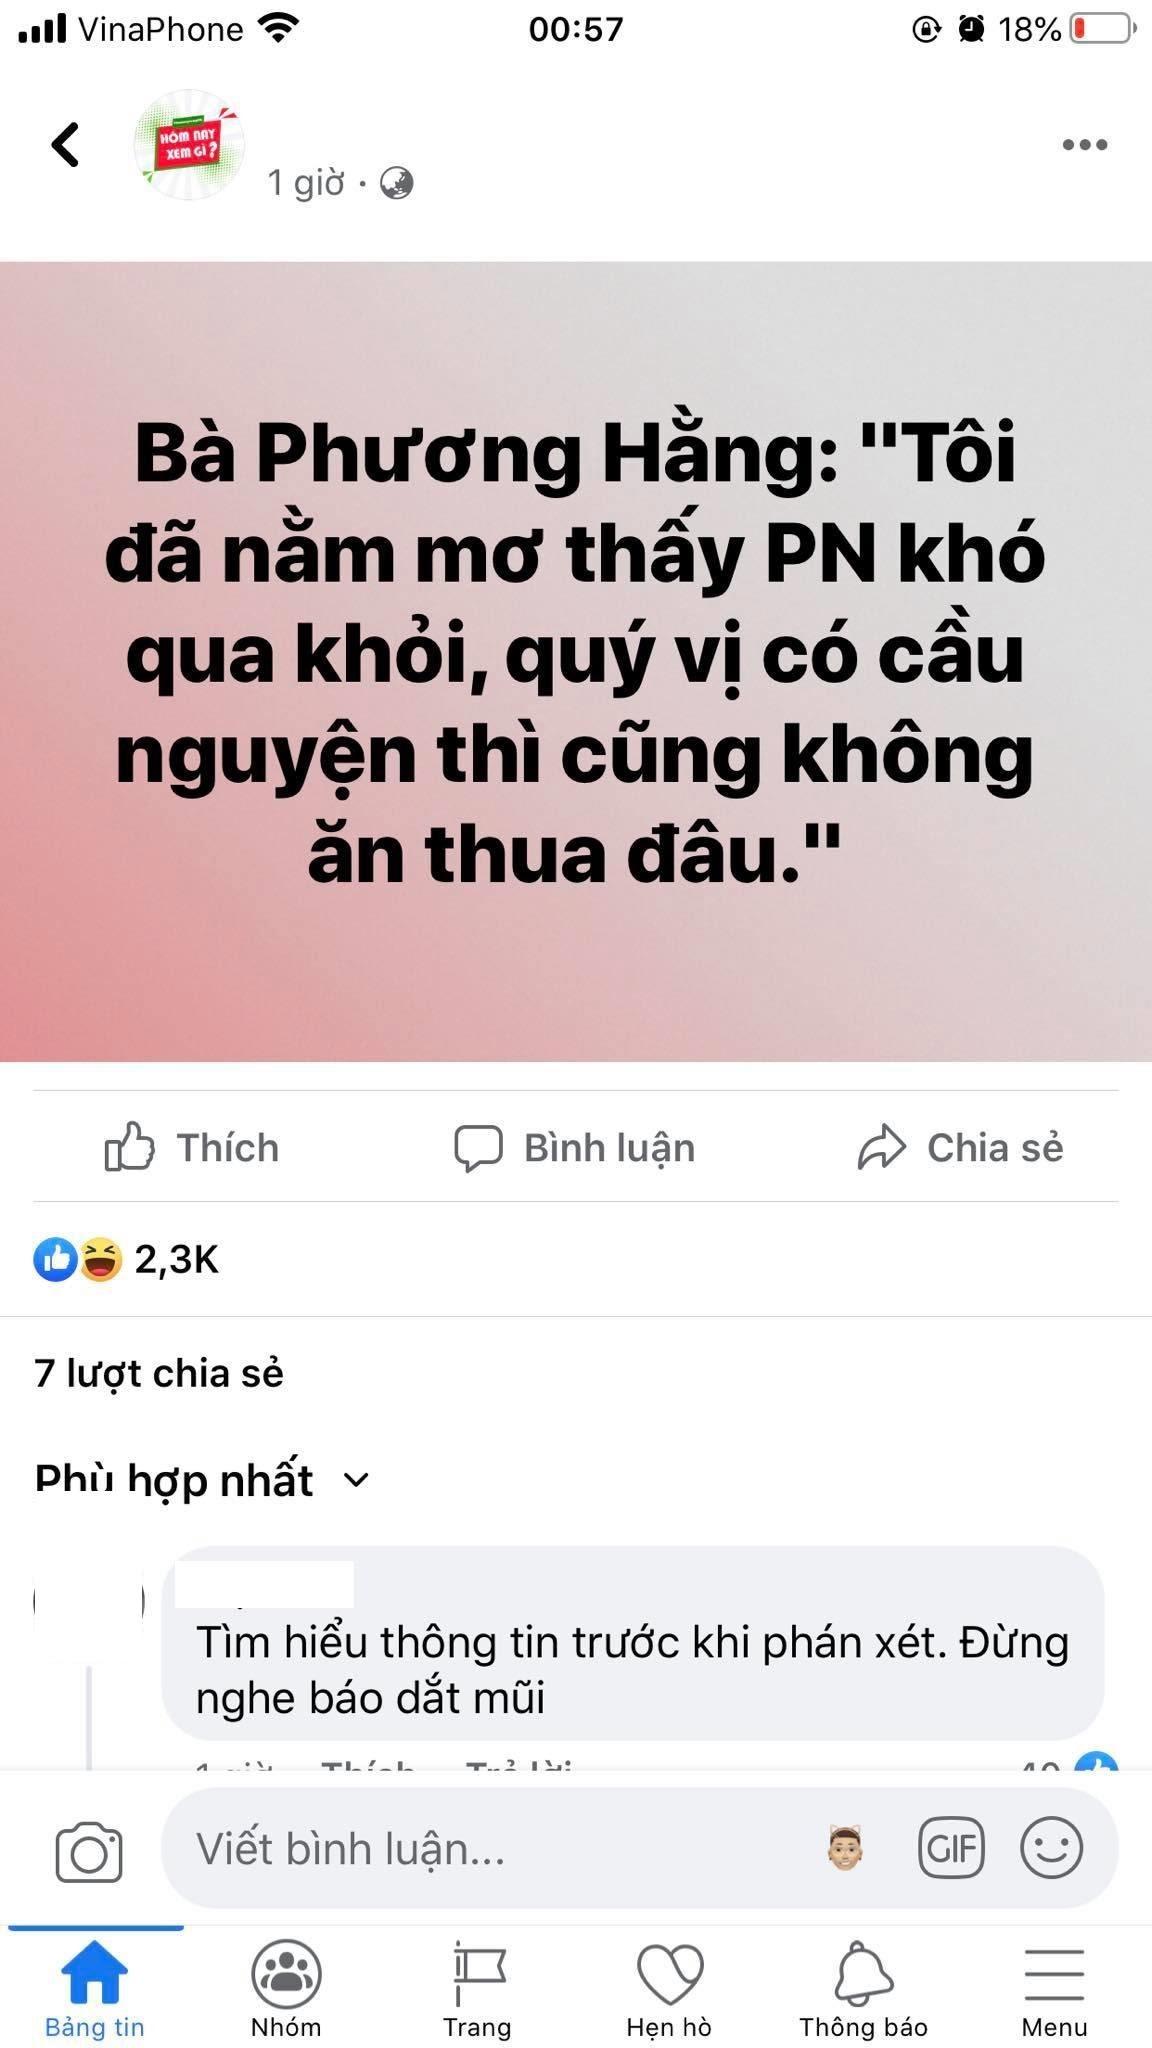 Bà Phương Hằng lên tiếng vụ trù ẻo Phi Nhung qua đời: Nó đủ phước thì nó sống - Hình 1